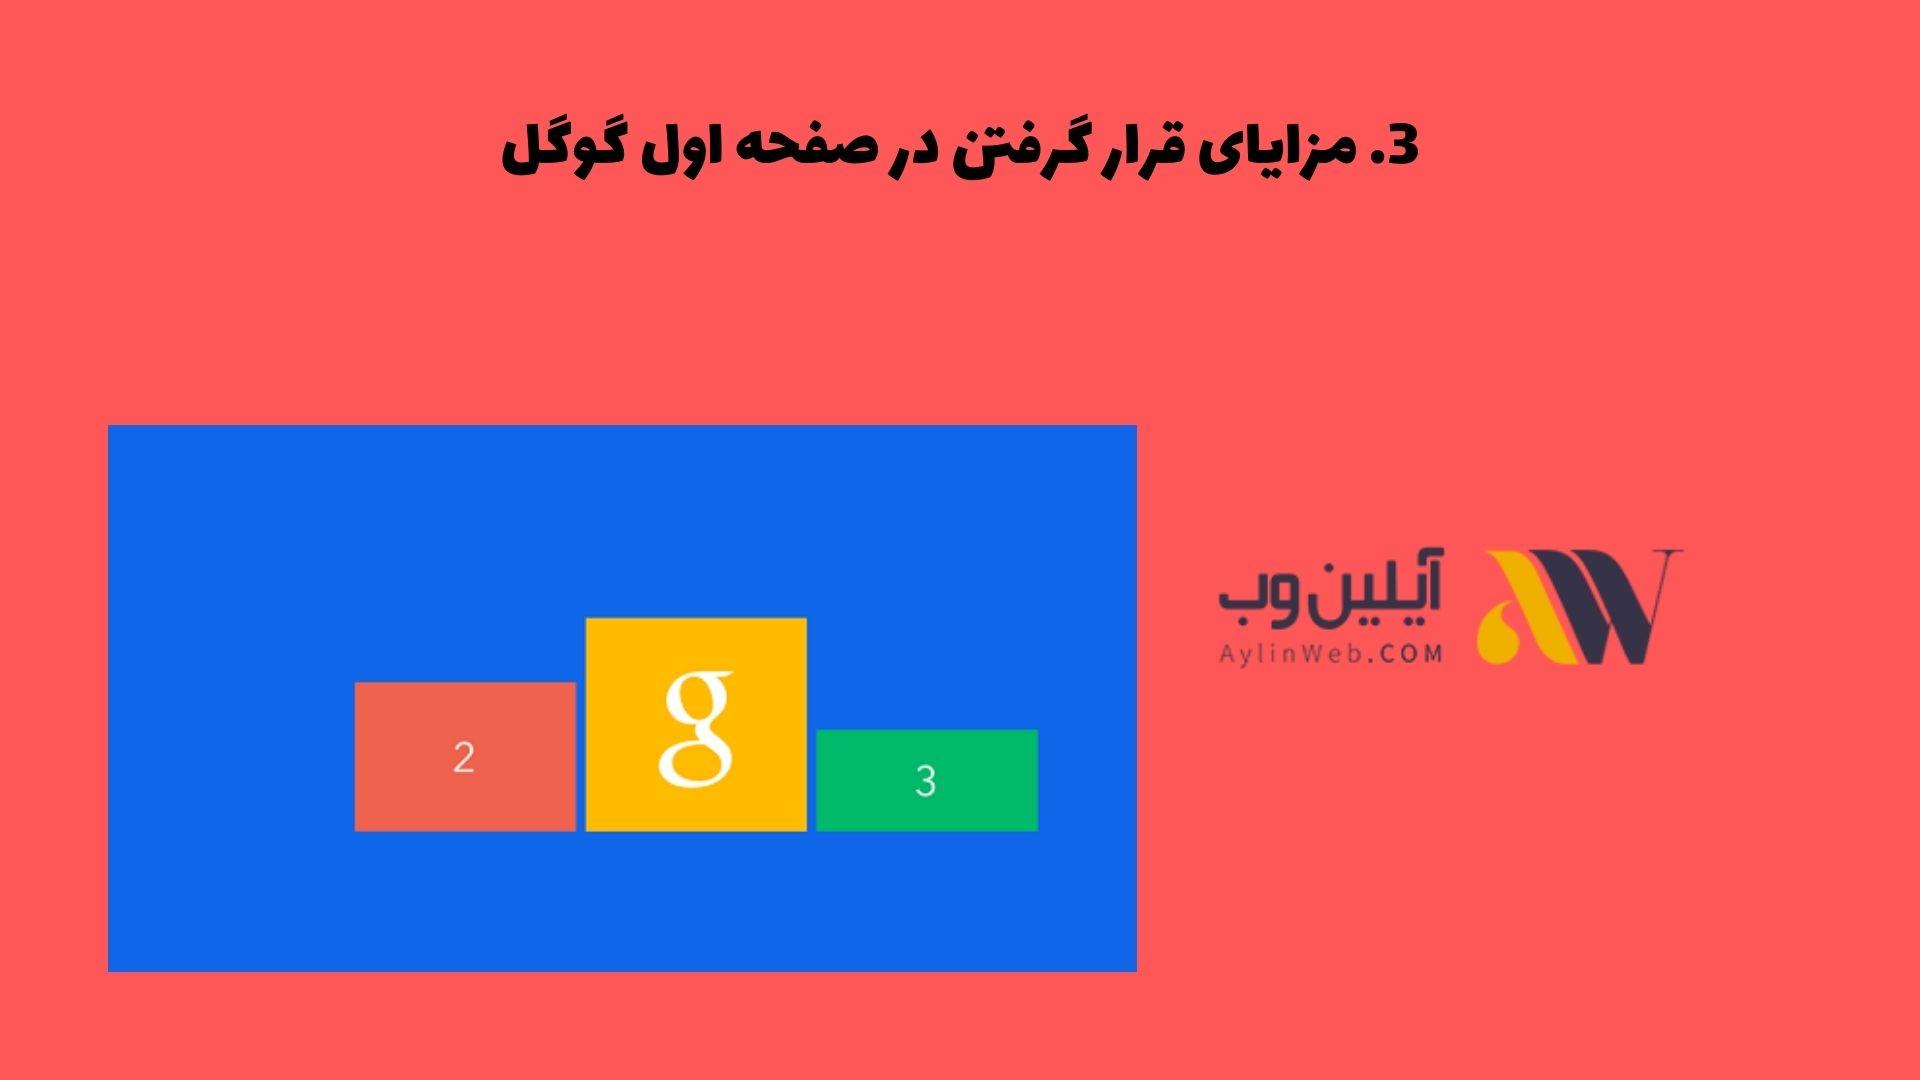 مزایای قرار گرفتن در صفحه اول گوگل